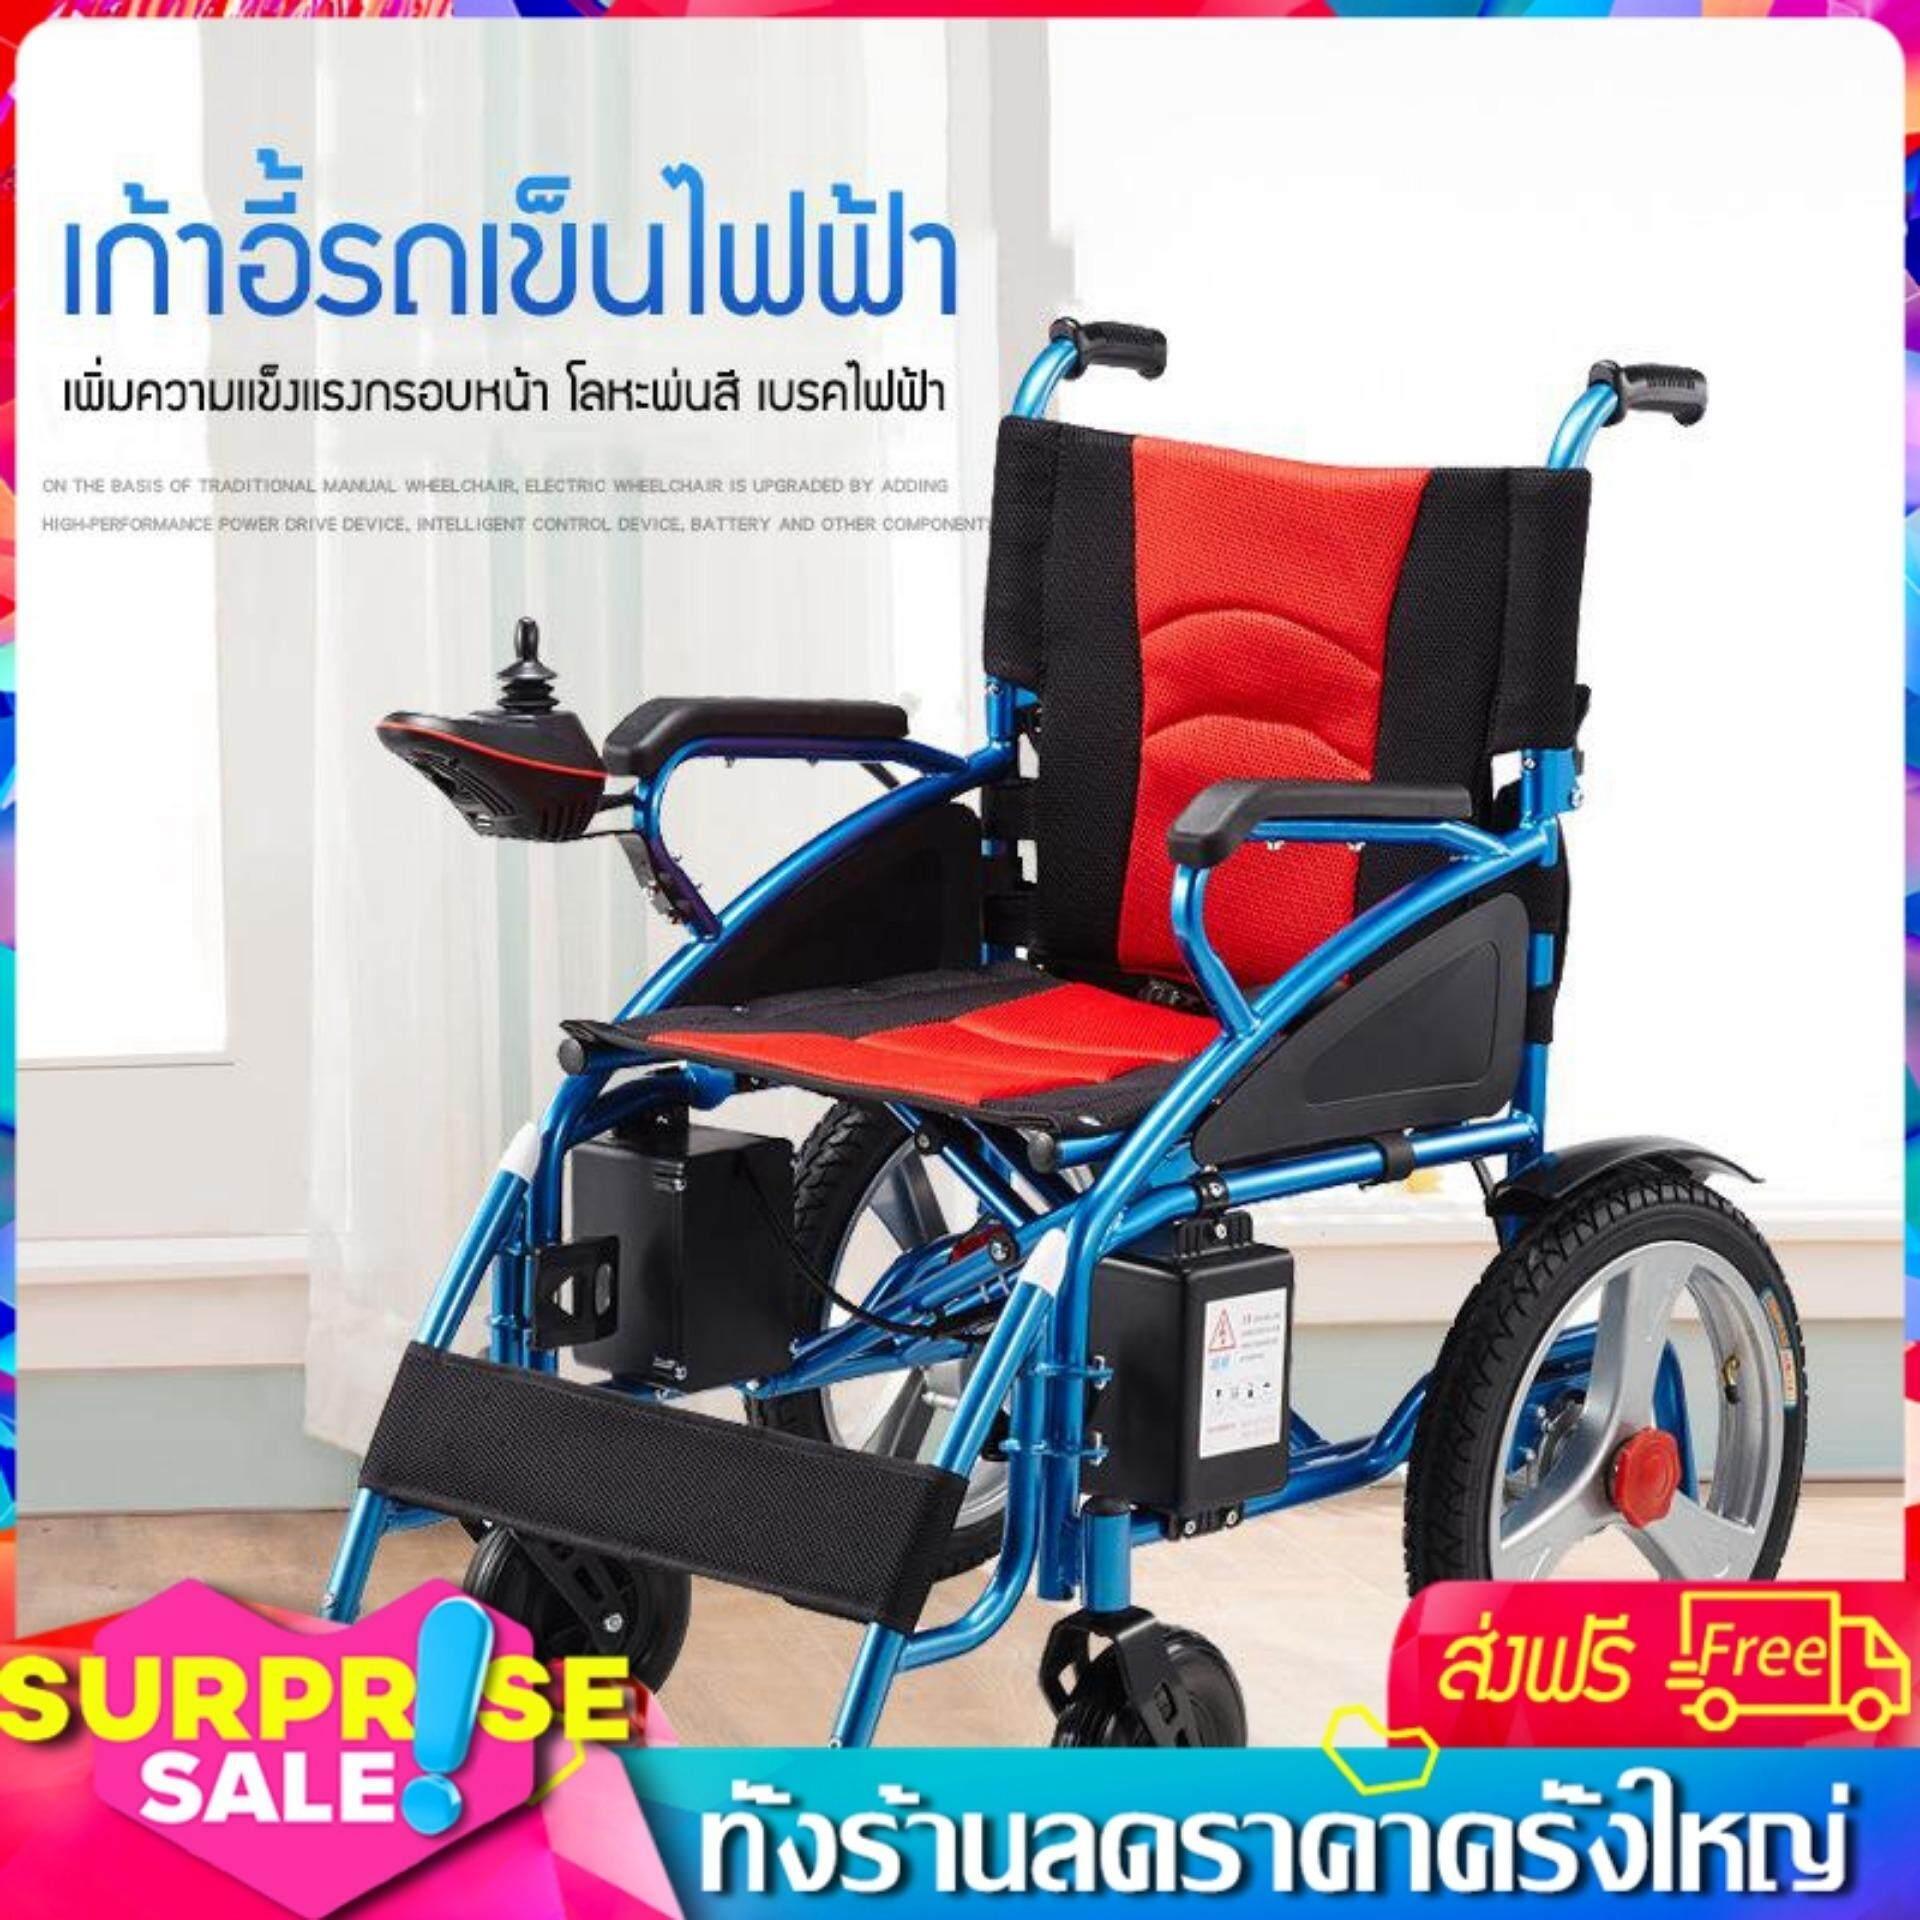 สุดยอดสินค้า!! เก้าอี้รถเข็นไฟฟ้า Wheelchair รถเข็นผู้ป่วย รถเข็นผู้สูงอายุ มือคอนโทรลได้ มีเบรคมือ ล้อหนา แข็งเเรง ปลอดภัย แบต2ก้อน Our shopping home